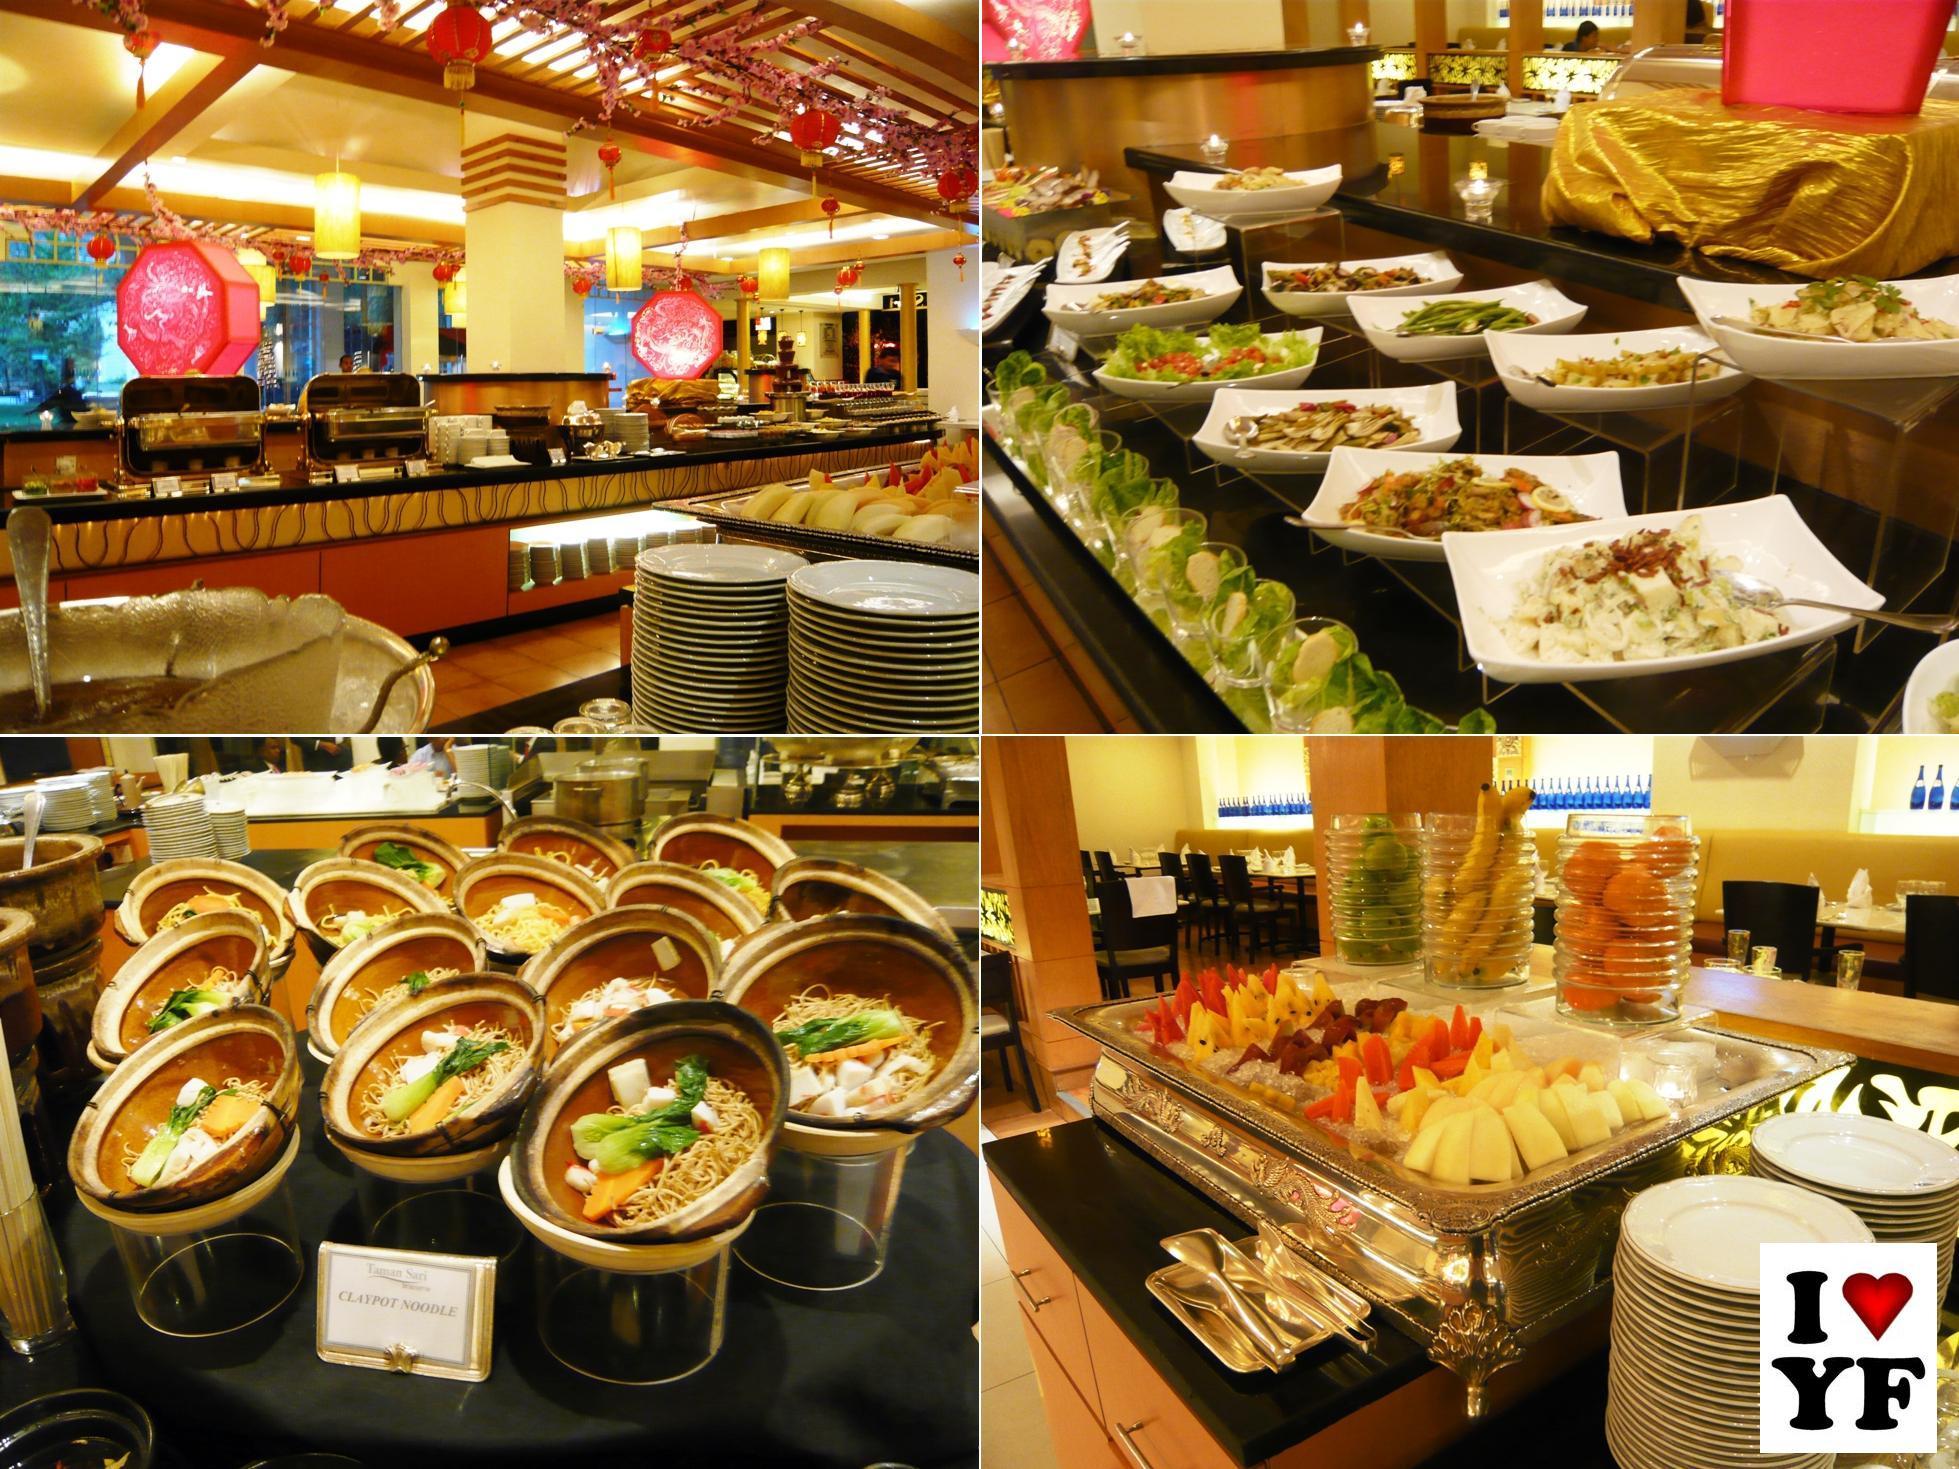 Hotel Istana Food Type I Love Yummy Food